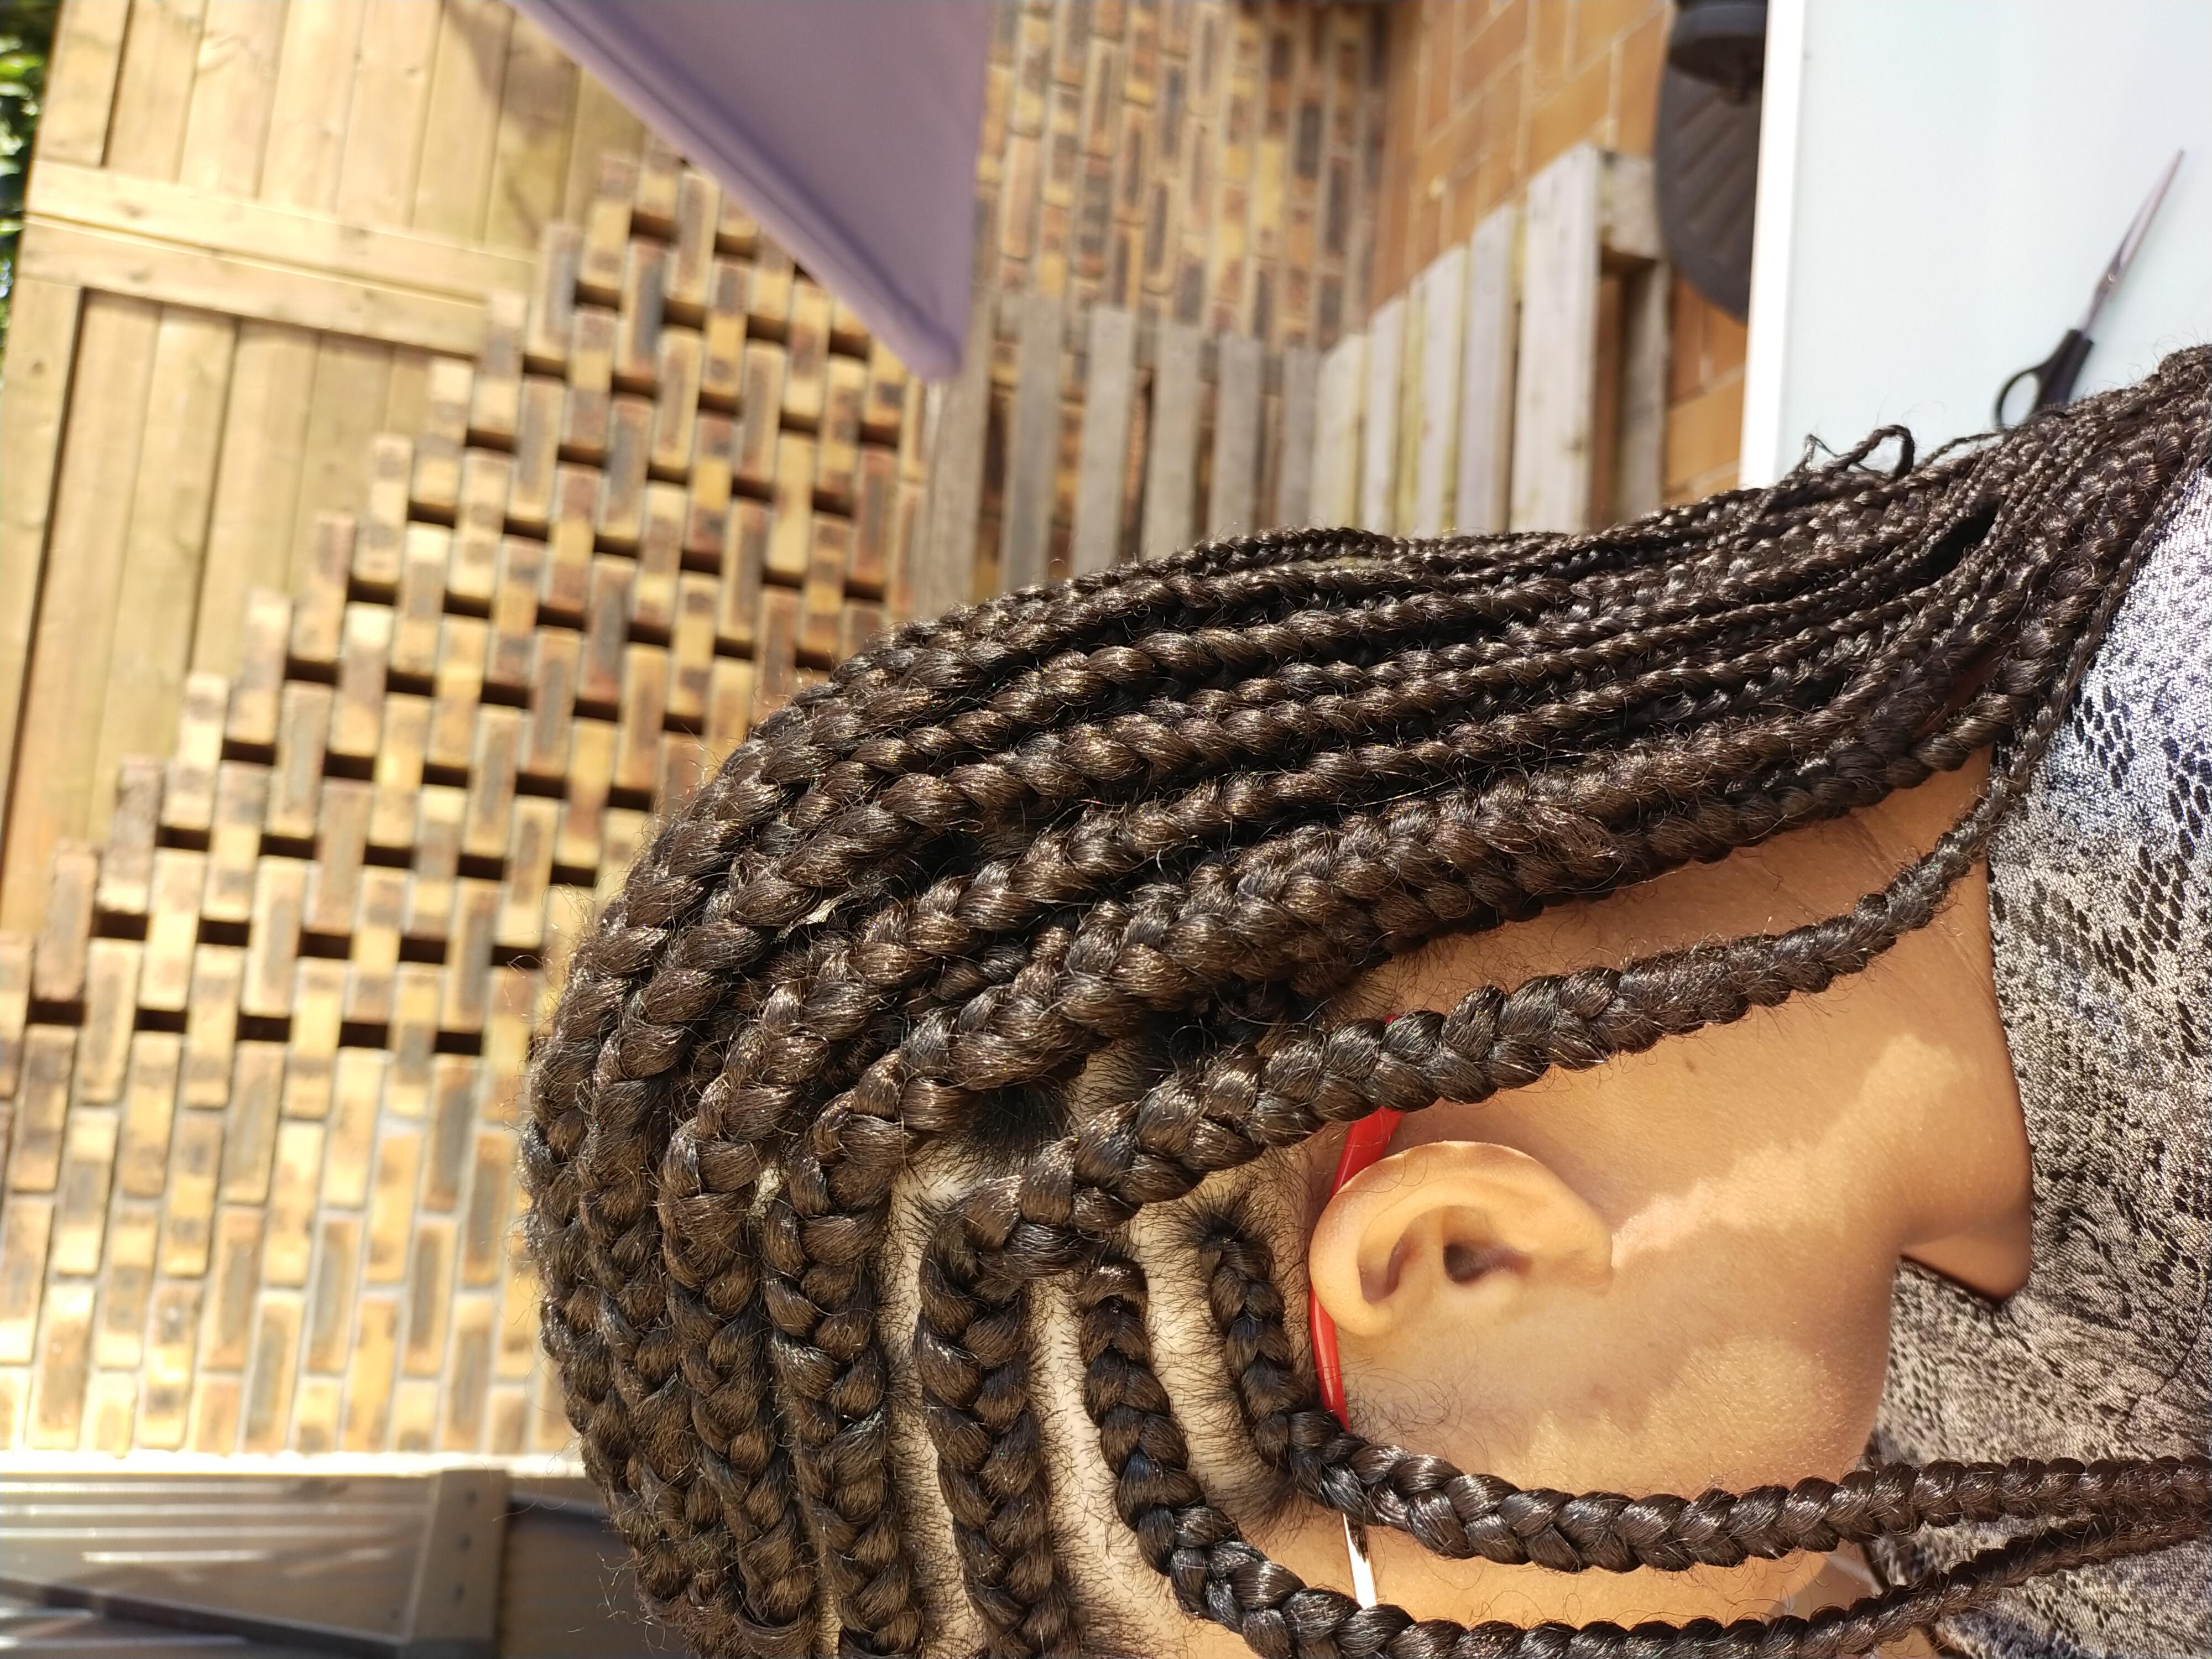 salon de coiffure afro tresse tresses box braids crochet braids vanilles tissages paris 75 77 78 91 92 93 94 95 KGOYEITE